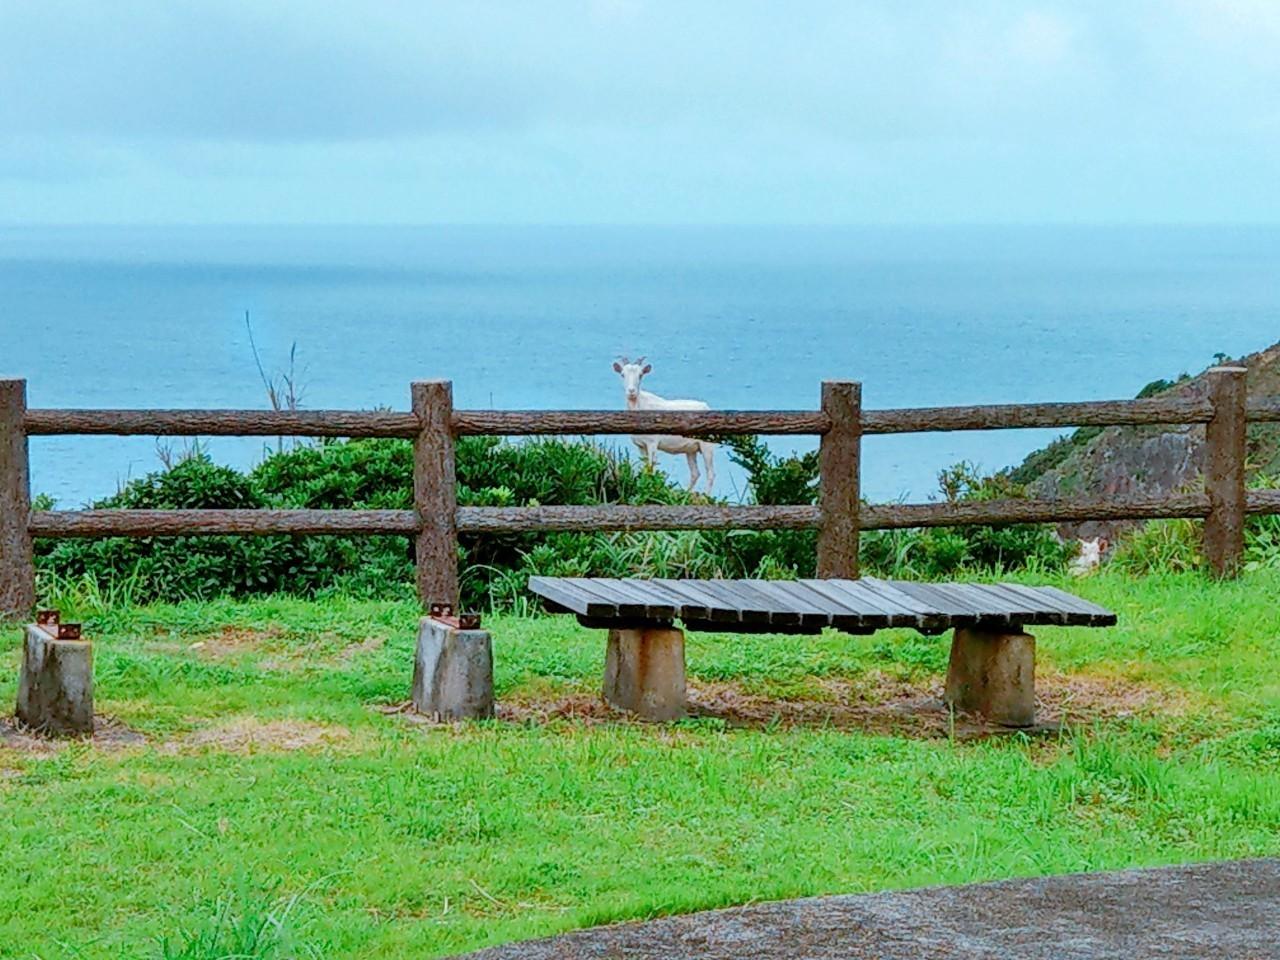 奄美大島に初めて旅行に行くならこう周る!見どころや楽しみ方をご紹介!